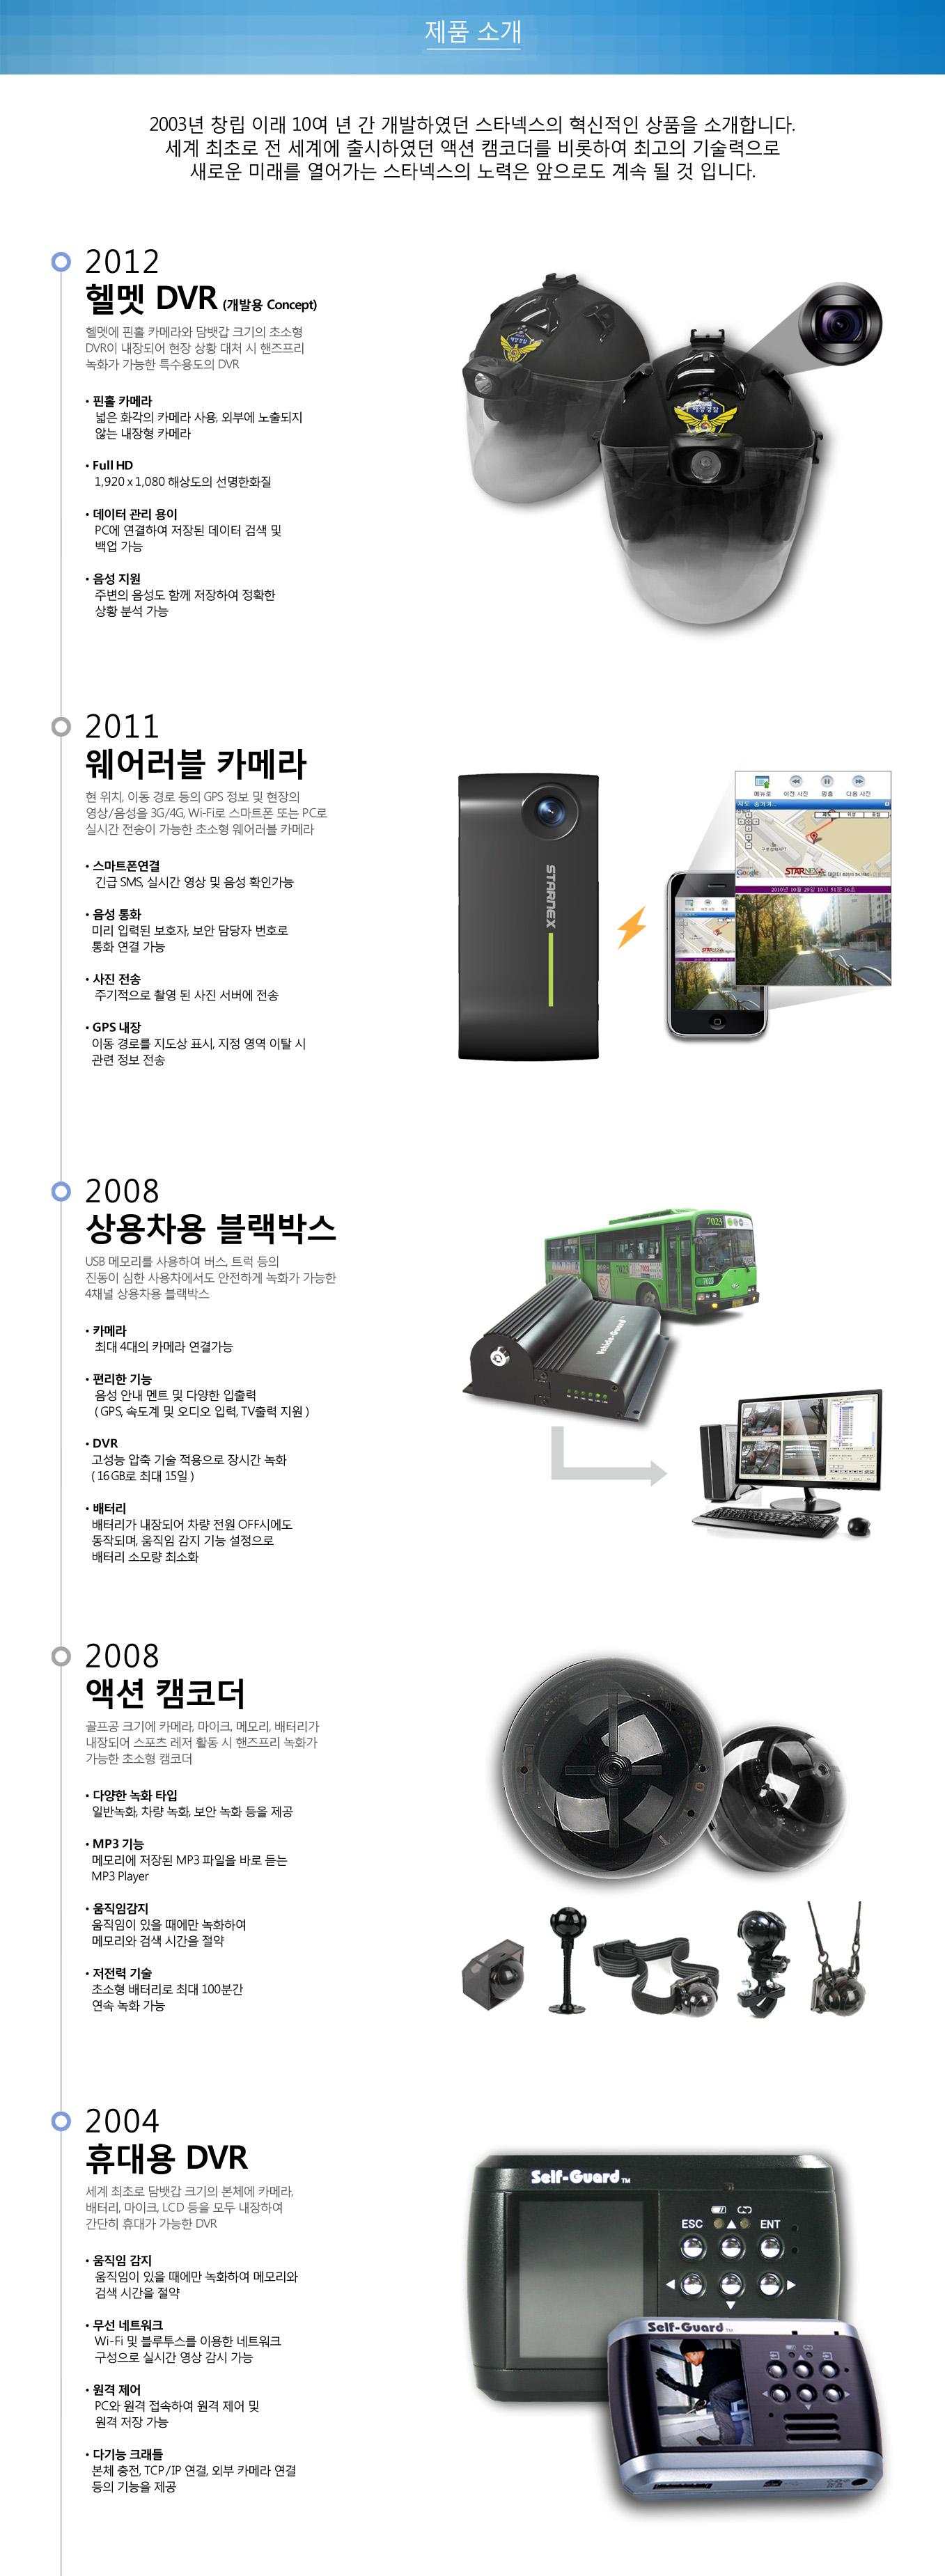 단종 제품 연혁_20170608-최종2.jpg